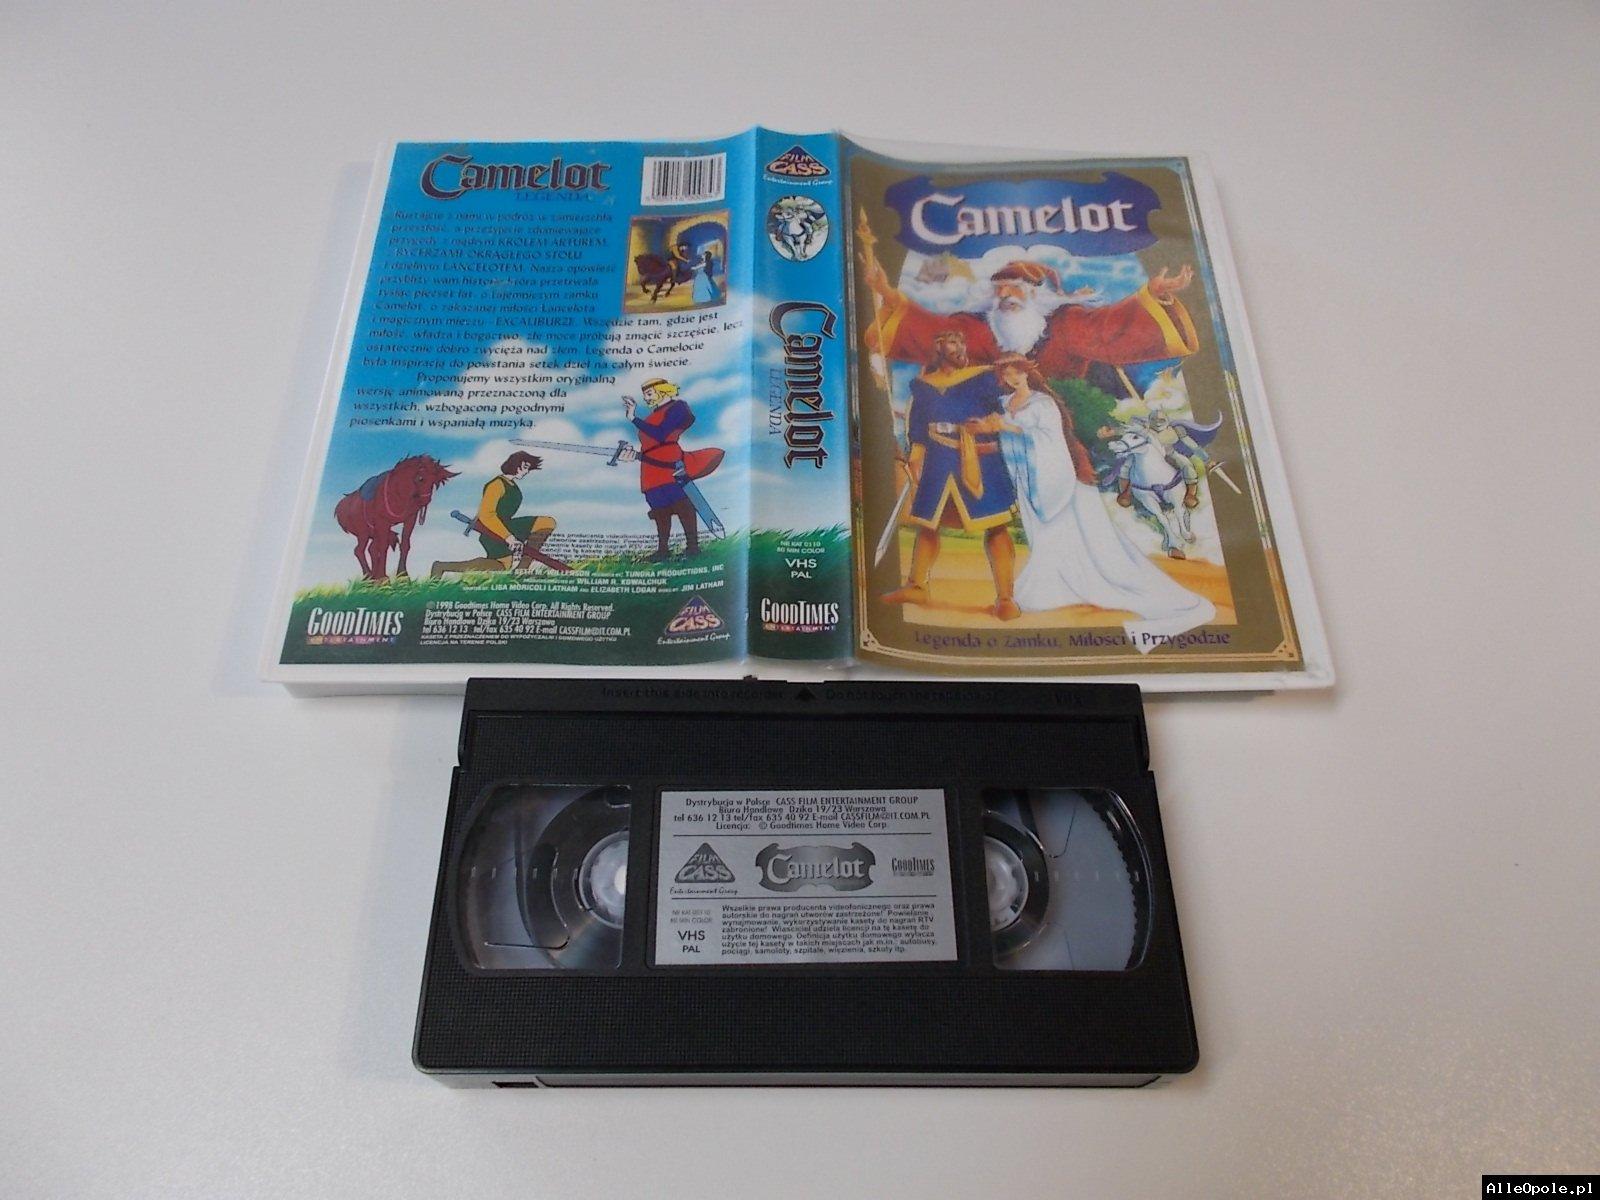 CAMELOT - VHS Kaseta Video - Opole 1701